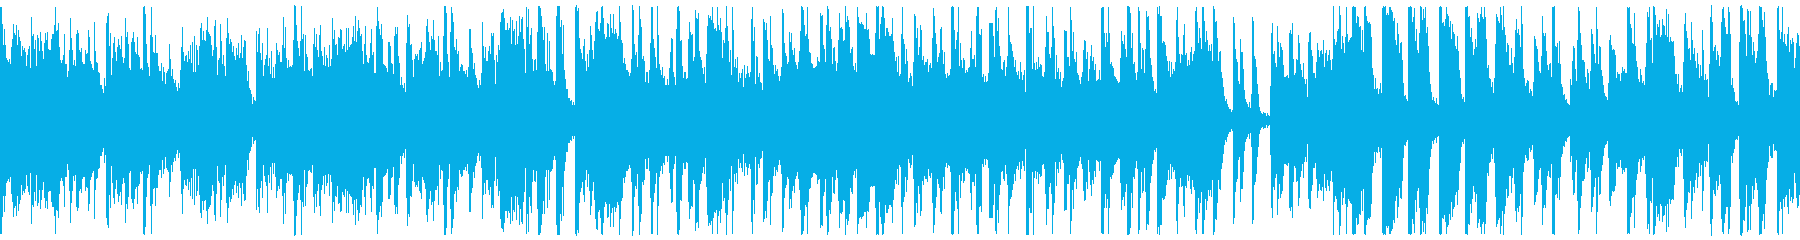 アップテンポのビックバンドです。の再生済みの波形